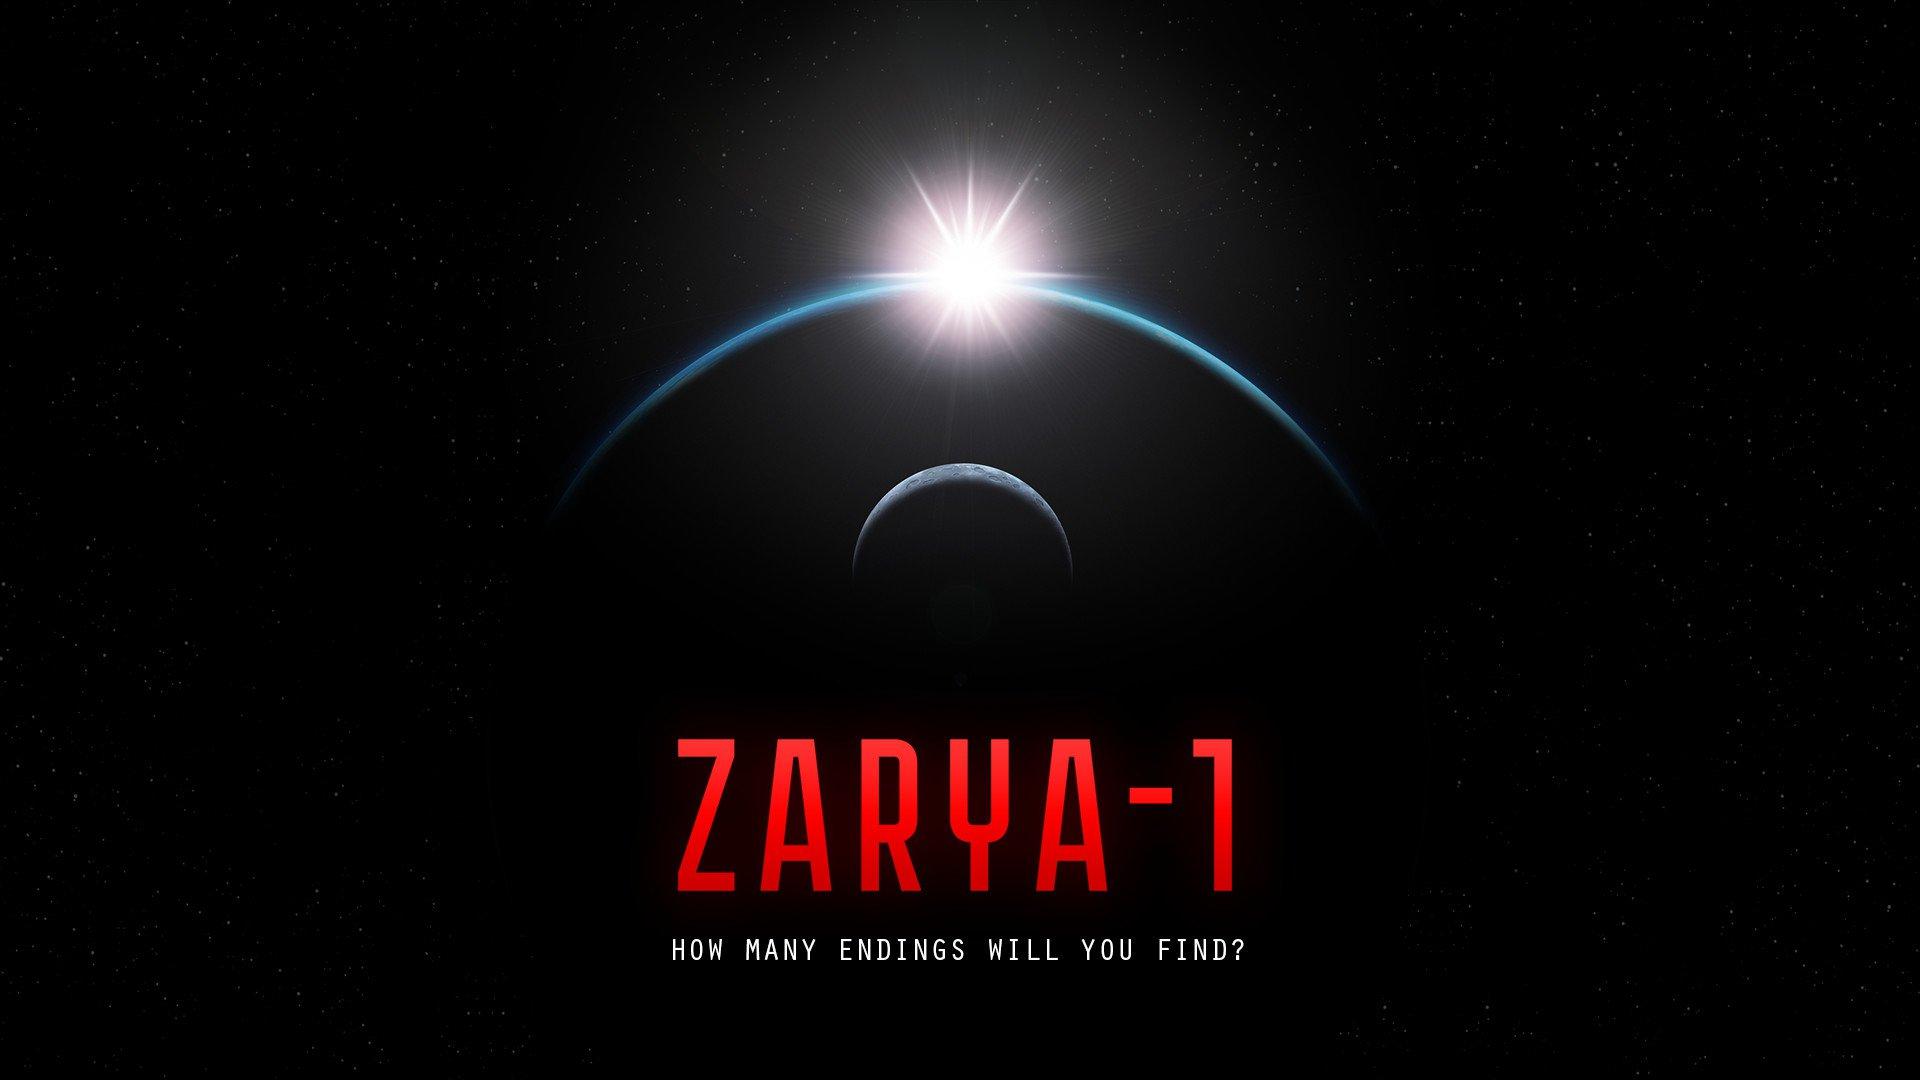 Zarya-1 3